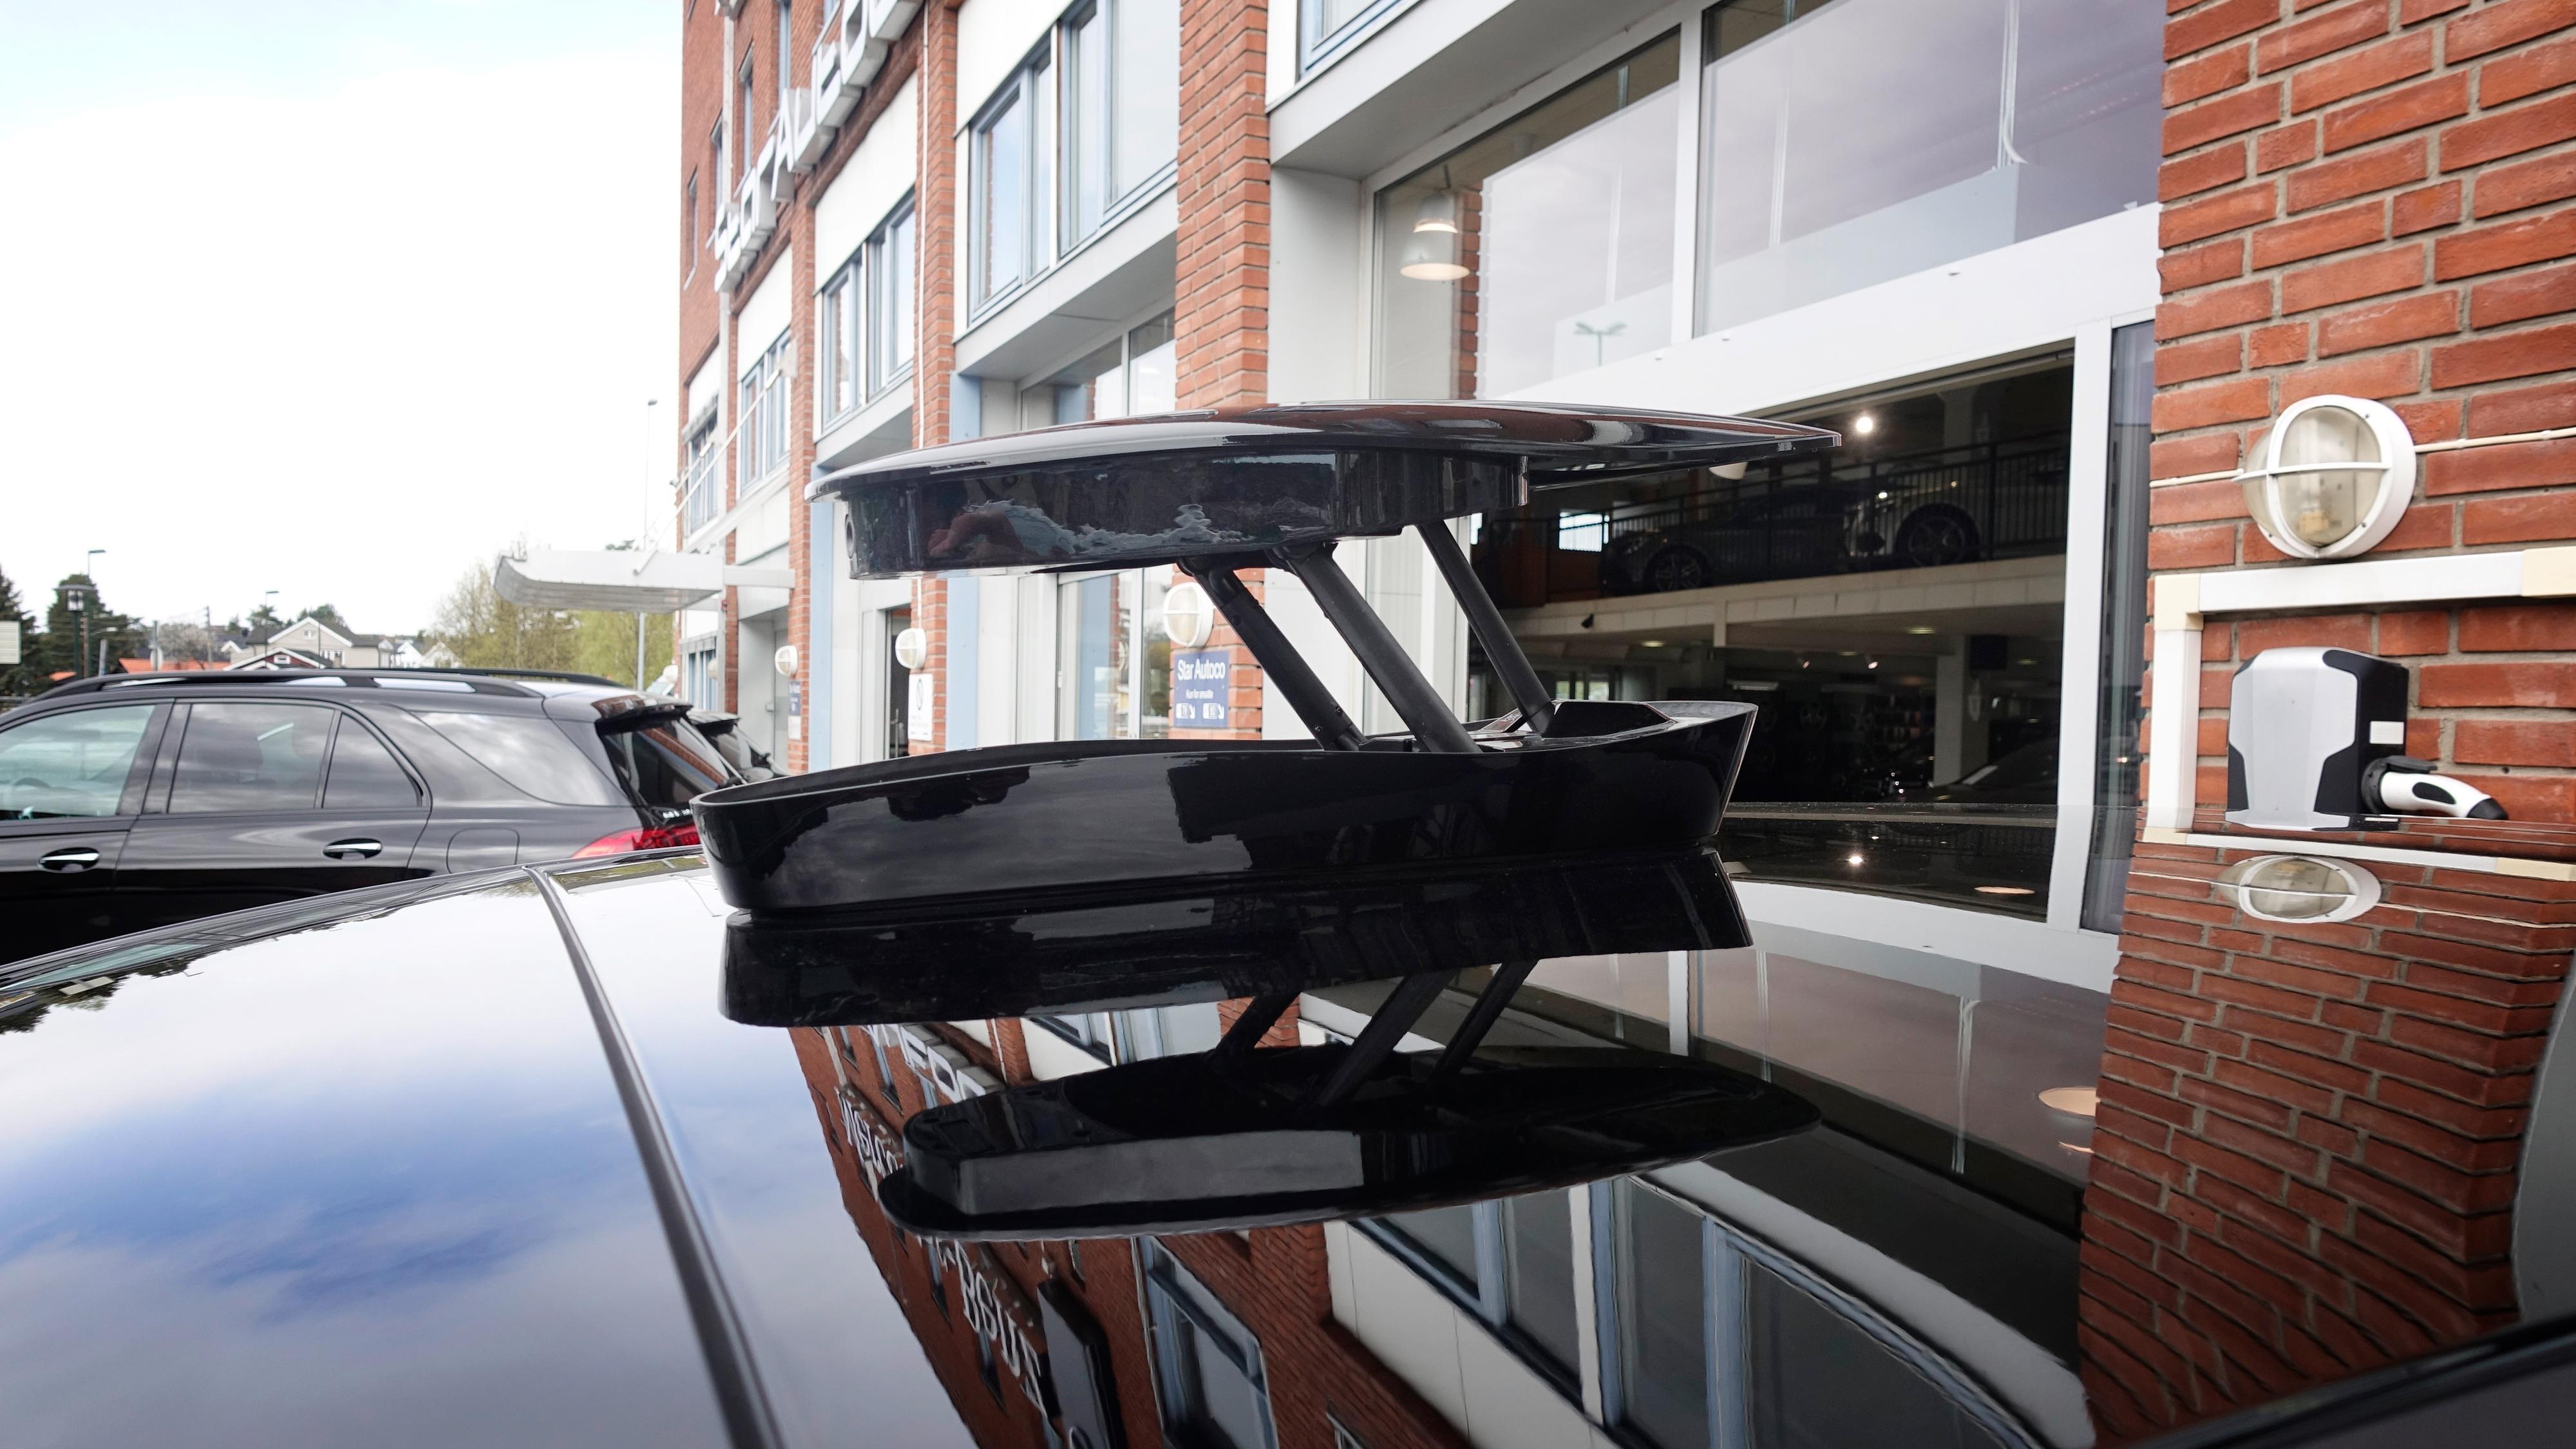 Dette kameraet får du på taket på Premium-versjonen av bilen, og gir mulighet til å se rundt bilen i 360 grader, enten det er på skjermen inni eller i den tilhørende appen. Du kan også ta bilder og video med kameraet. Det sperrer imidlertid også for muligheten til takstativ.